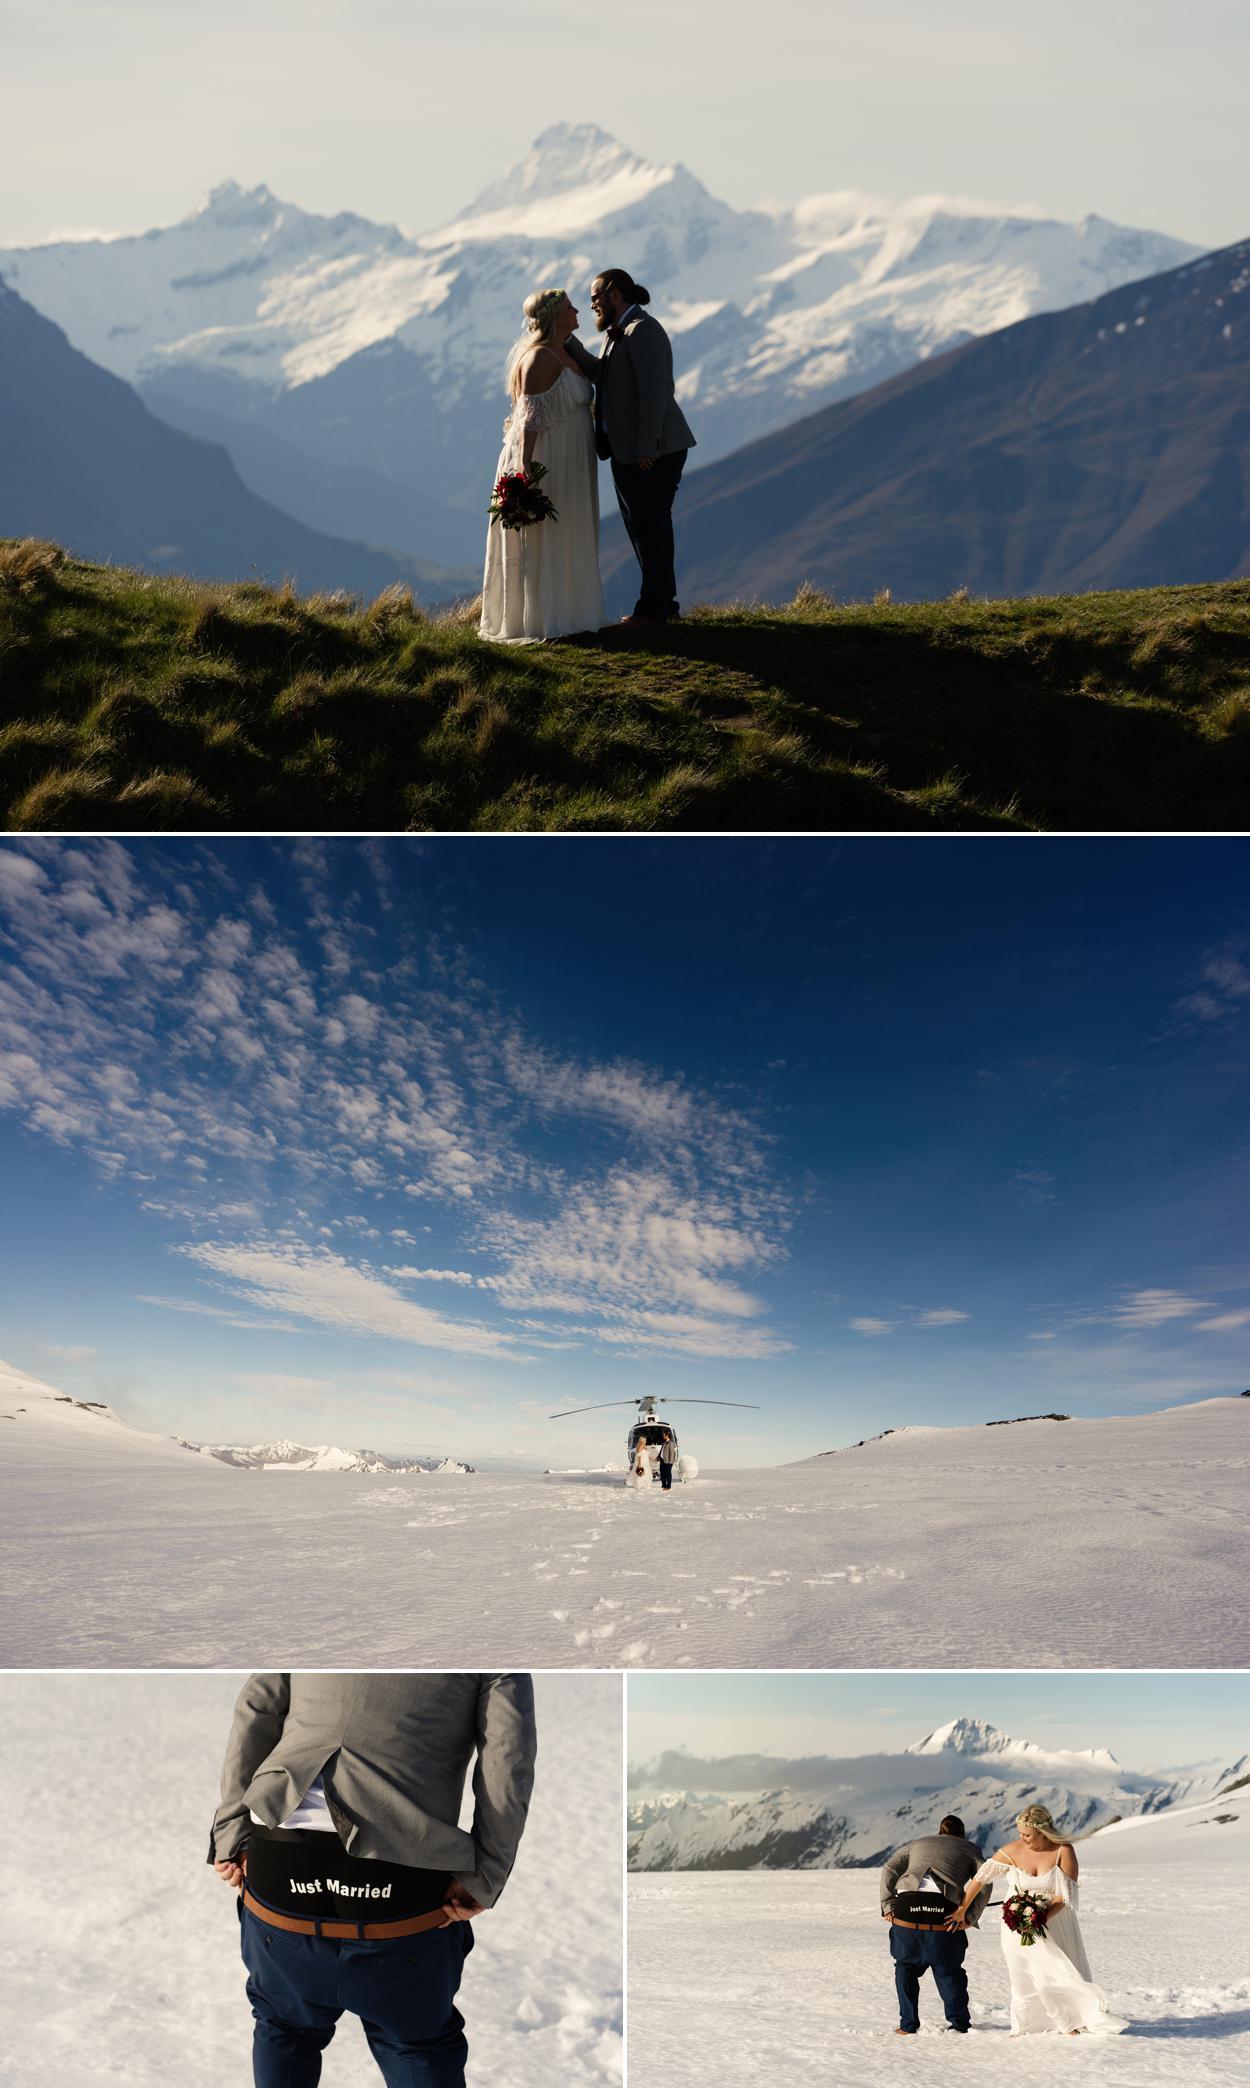 New Zealand glacier wedding